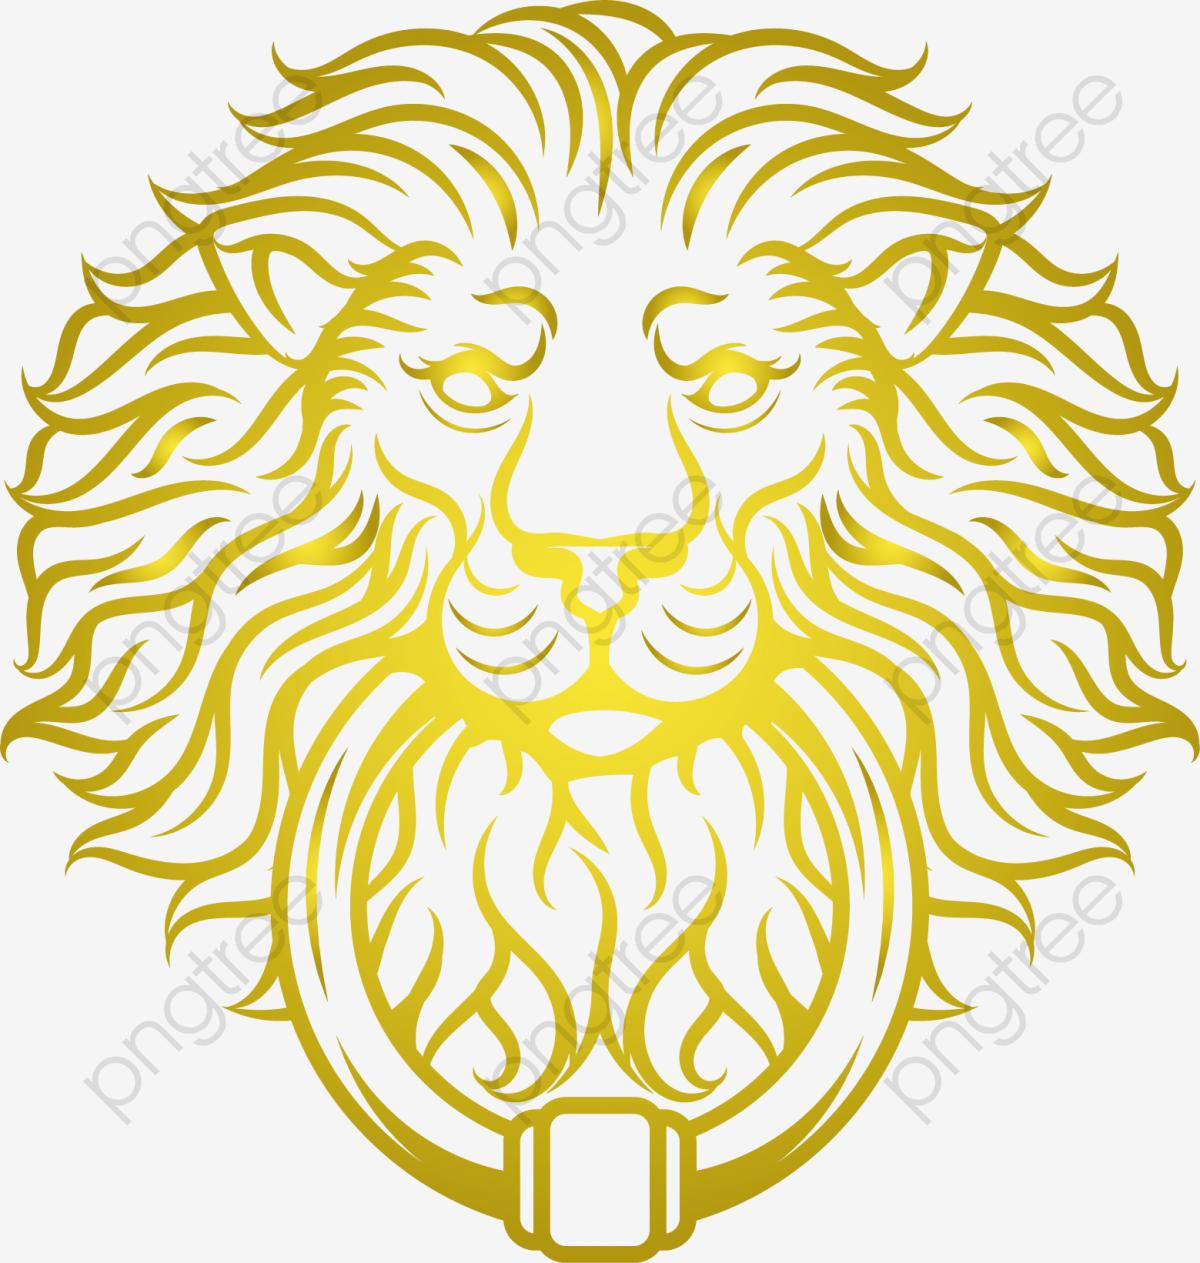 Aslan logo vektörel png 5 » logodesignfx.